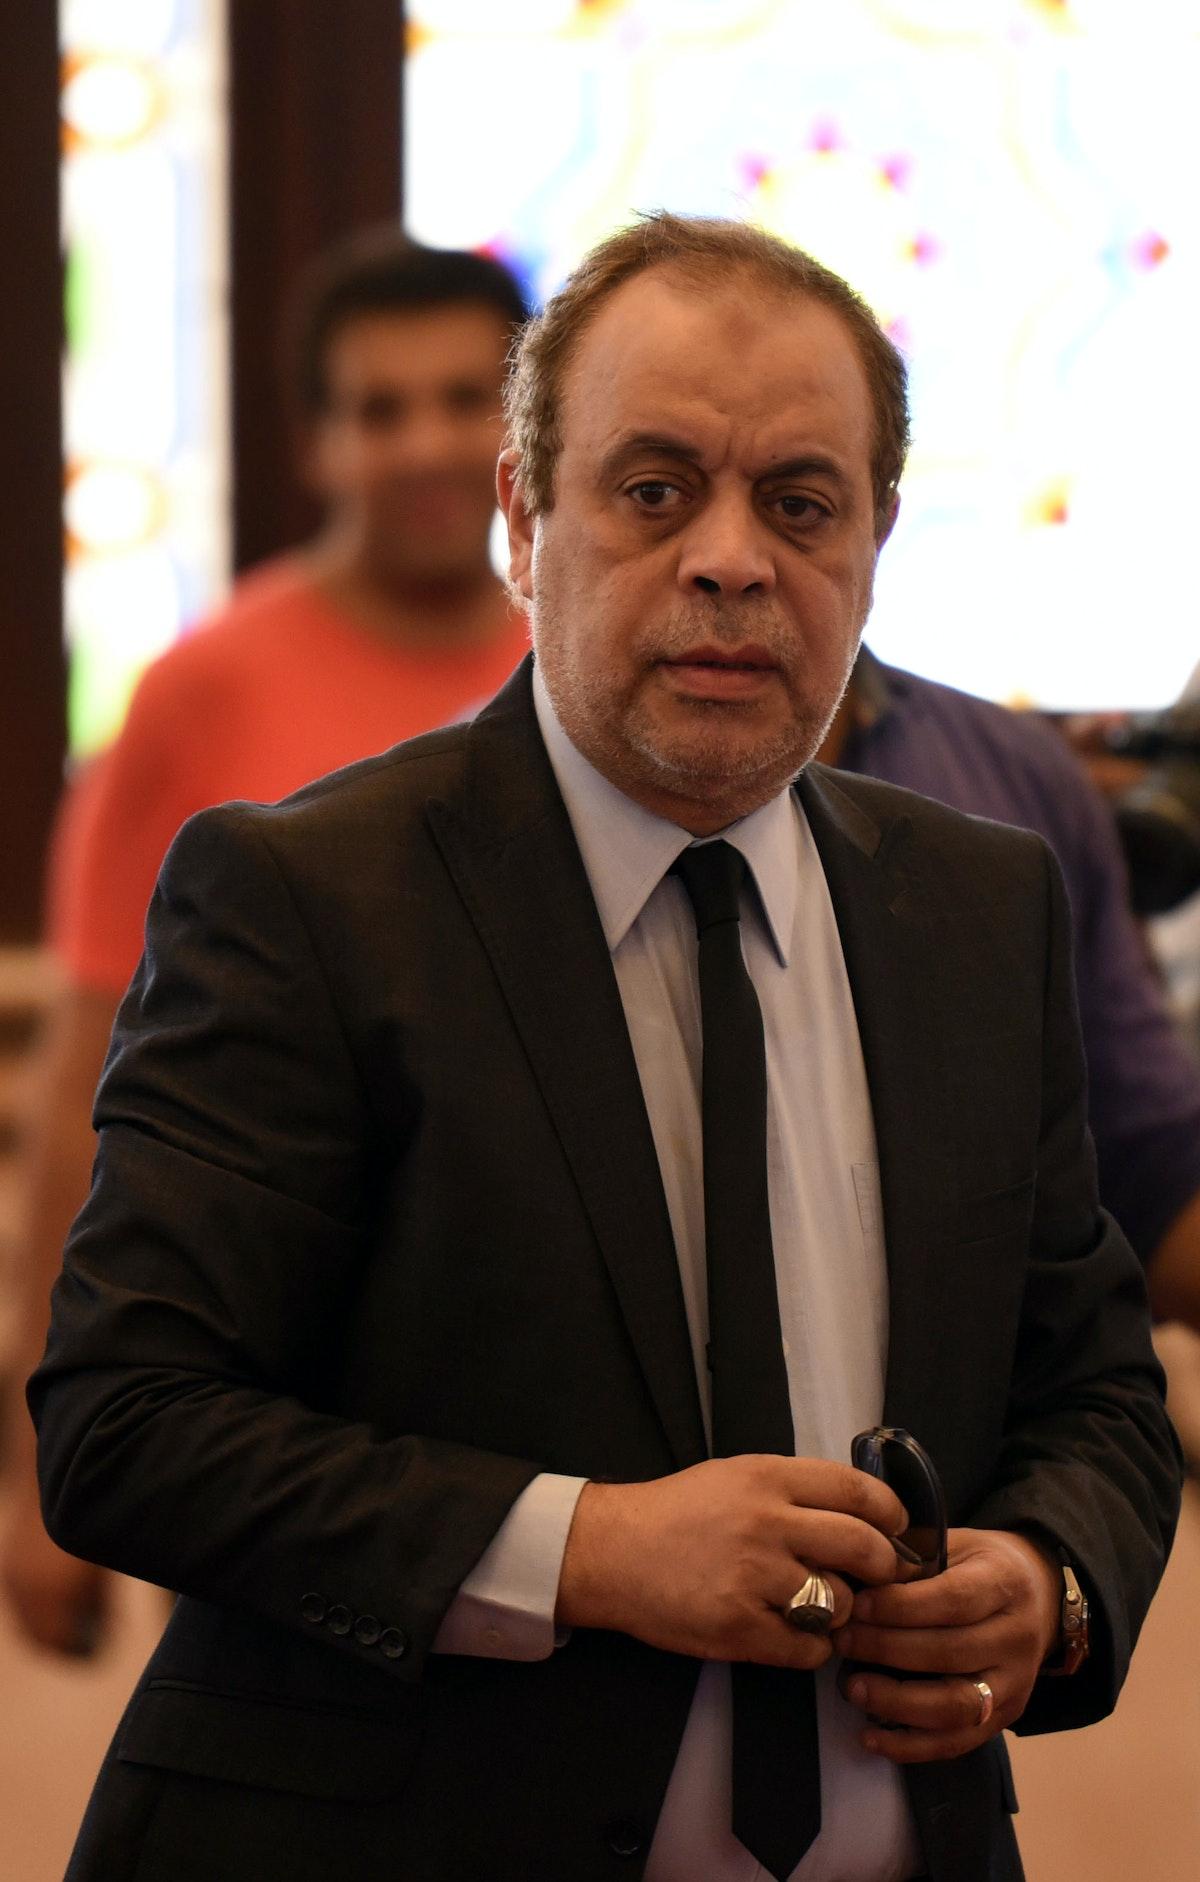 نقيب الممثلين المصريين أشرف زكي - AFP